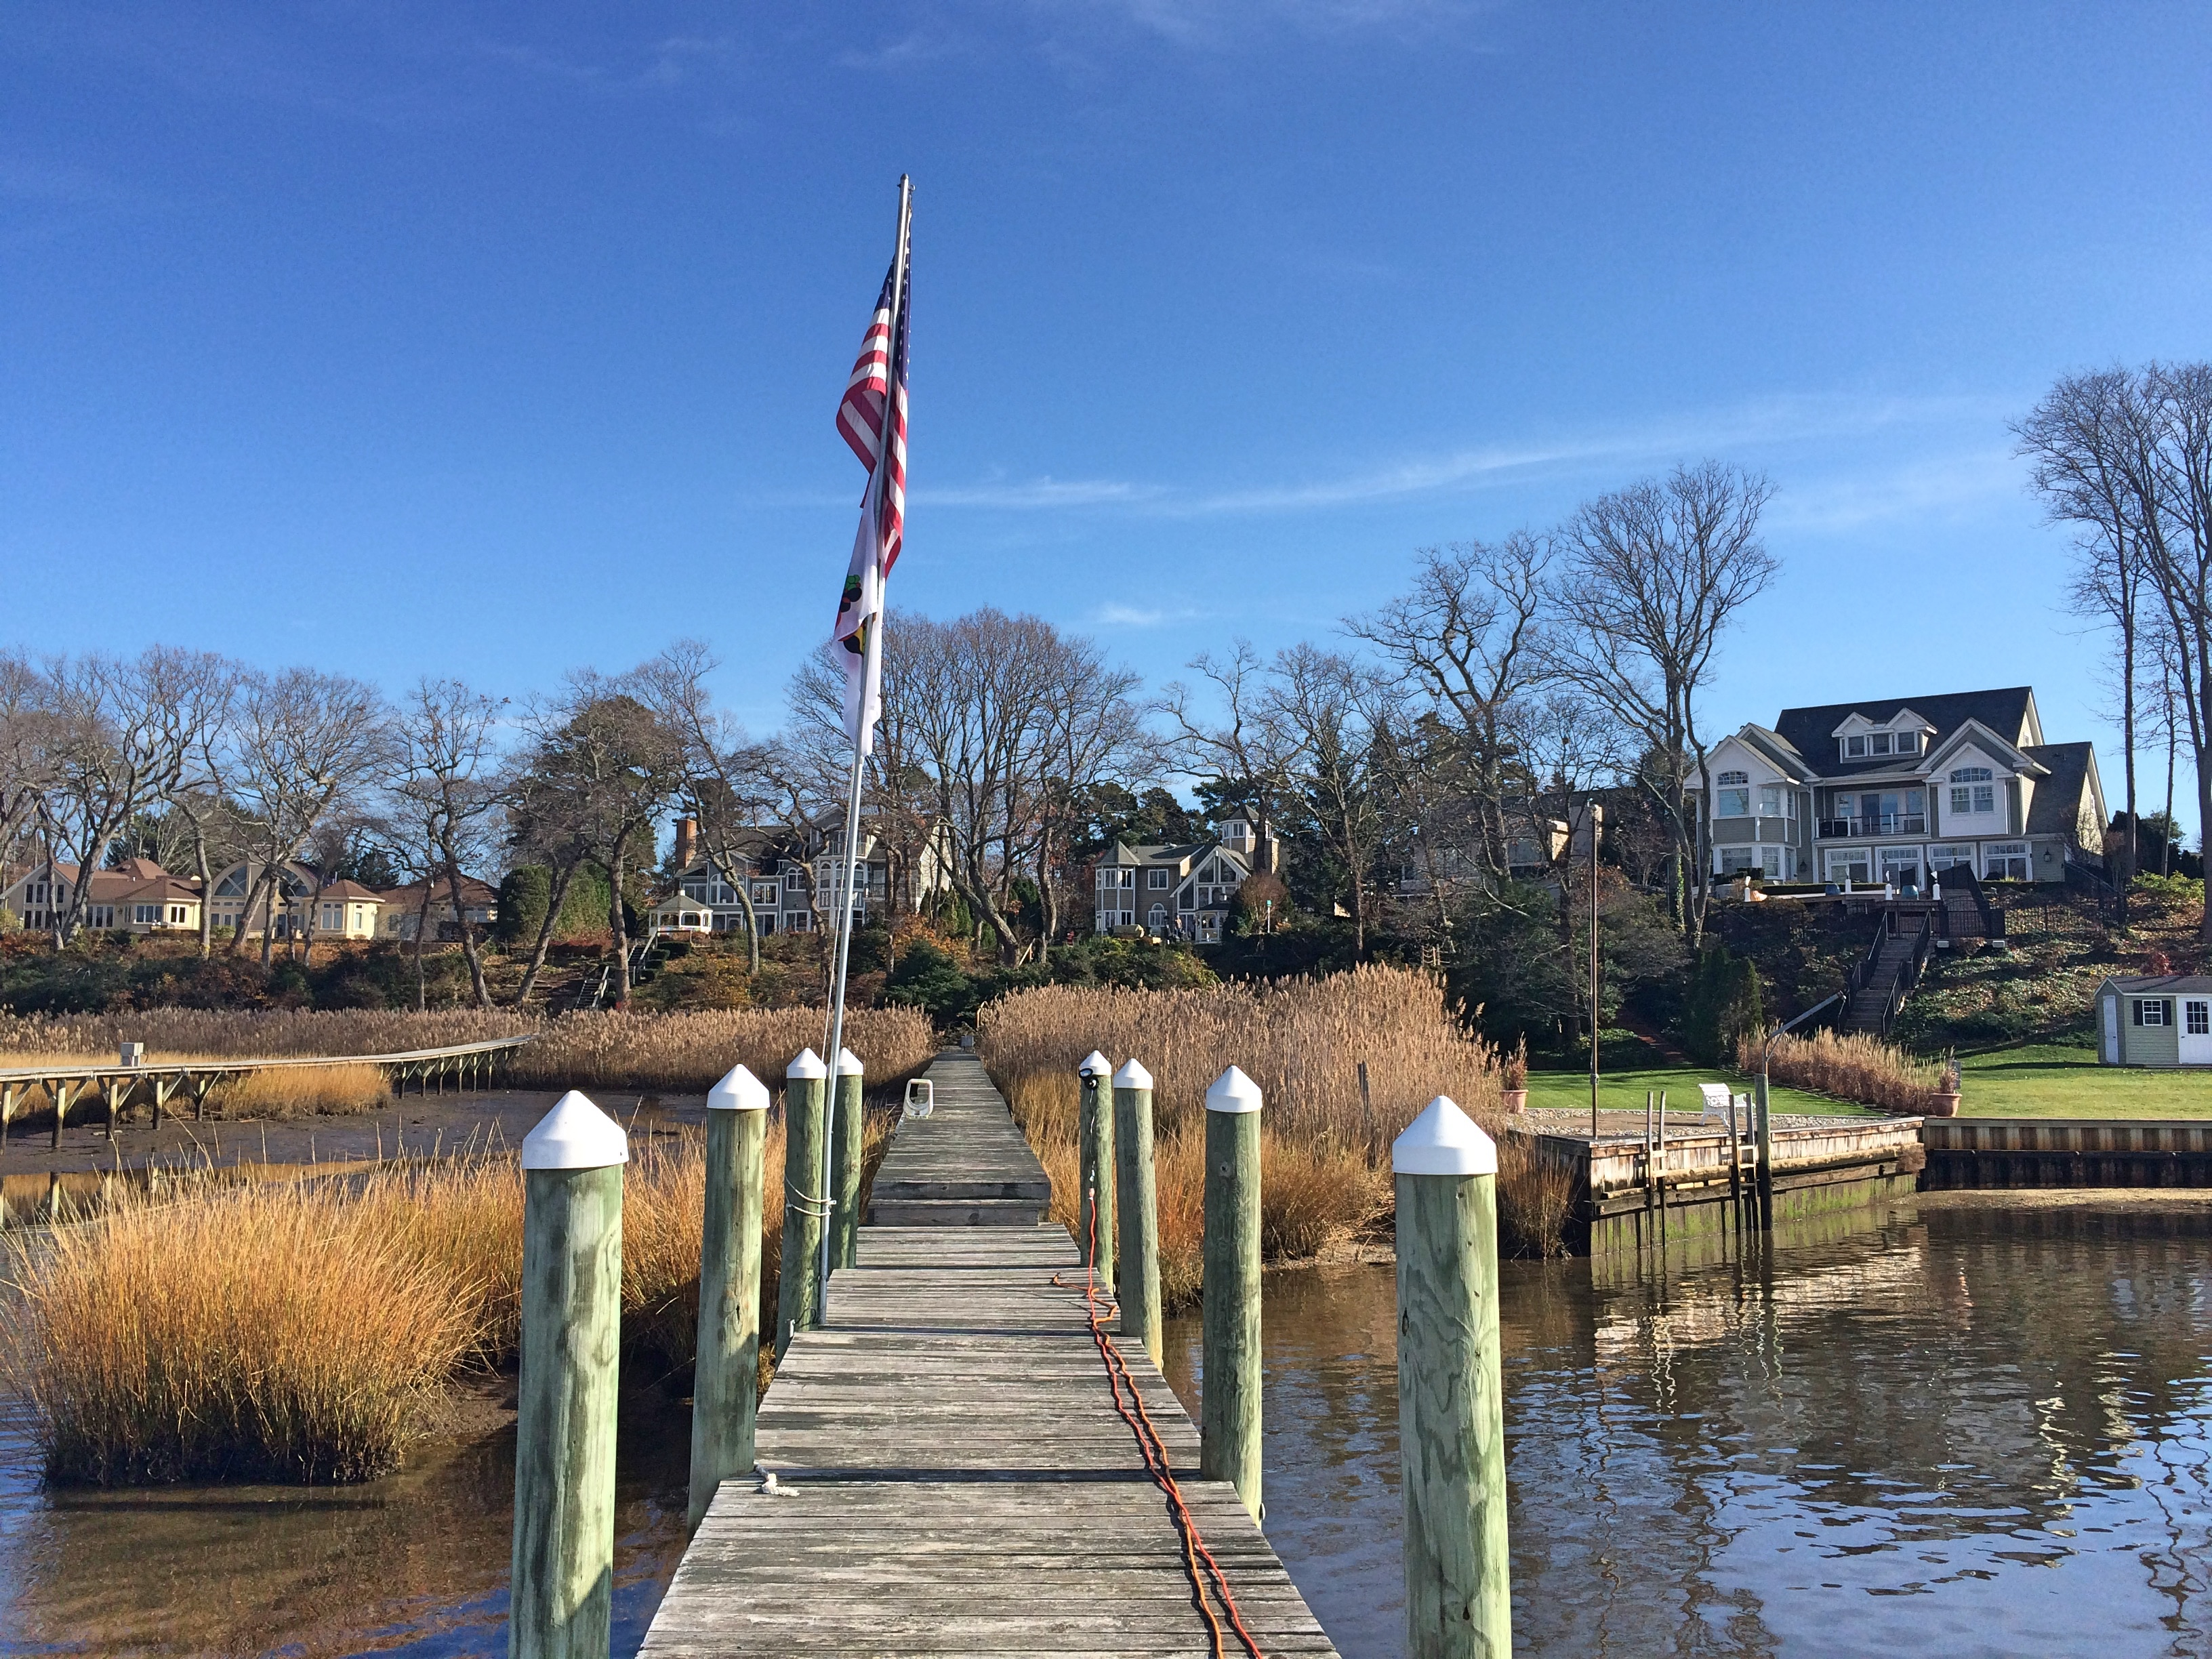 Vivere nei sobborghi americani | Dentro la casa di Dawson's Creek